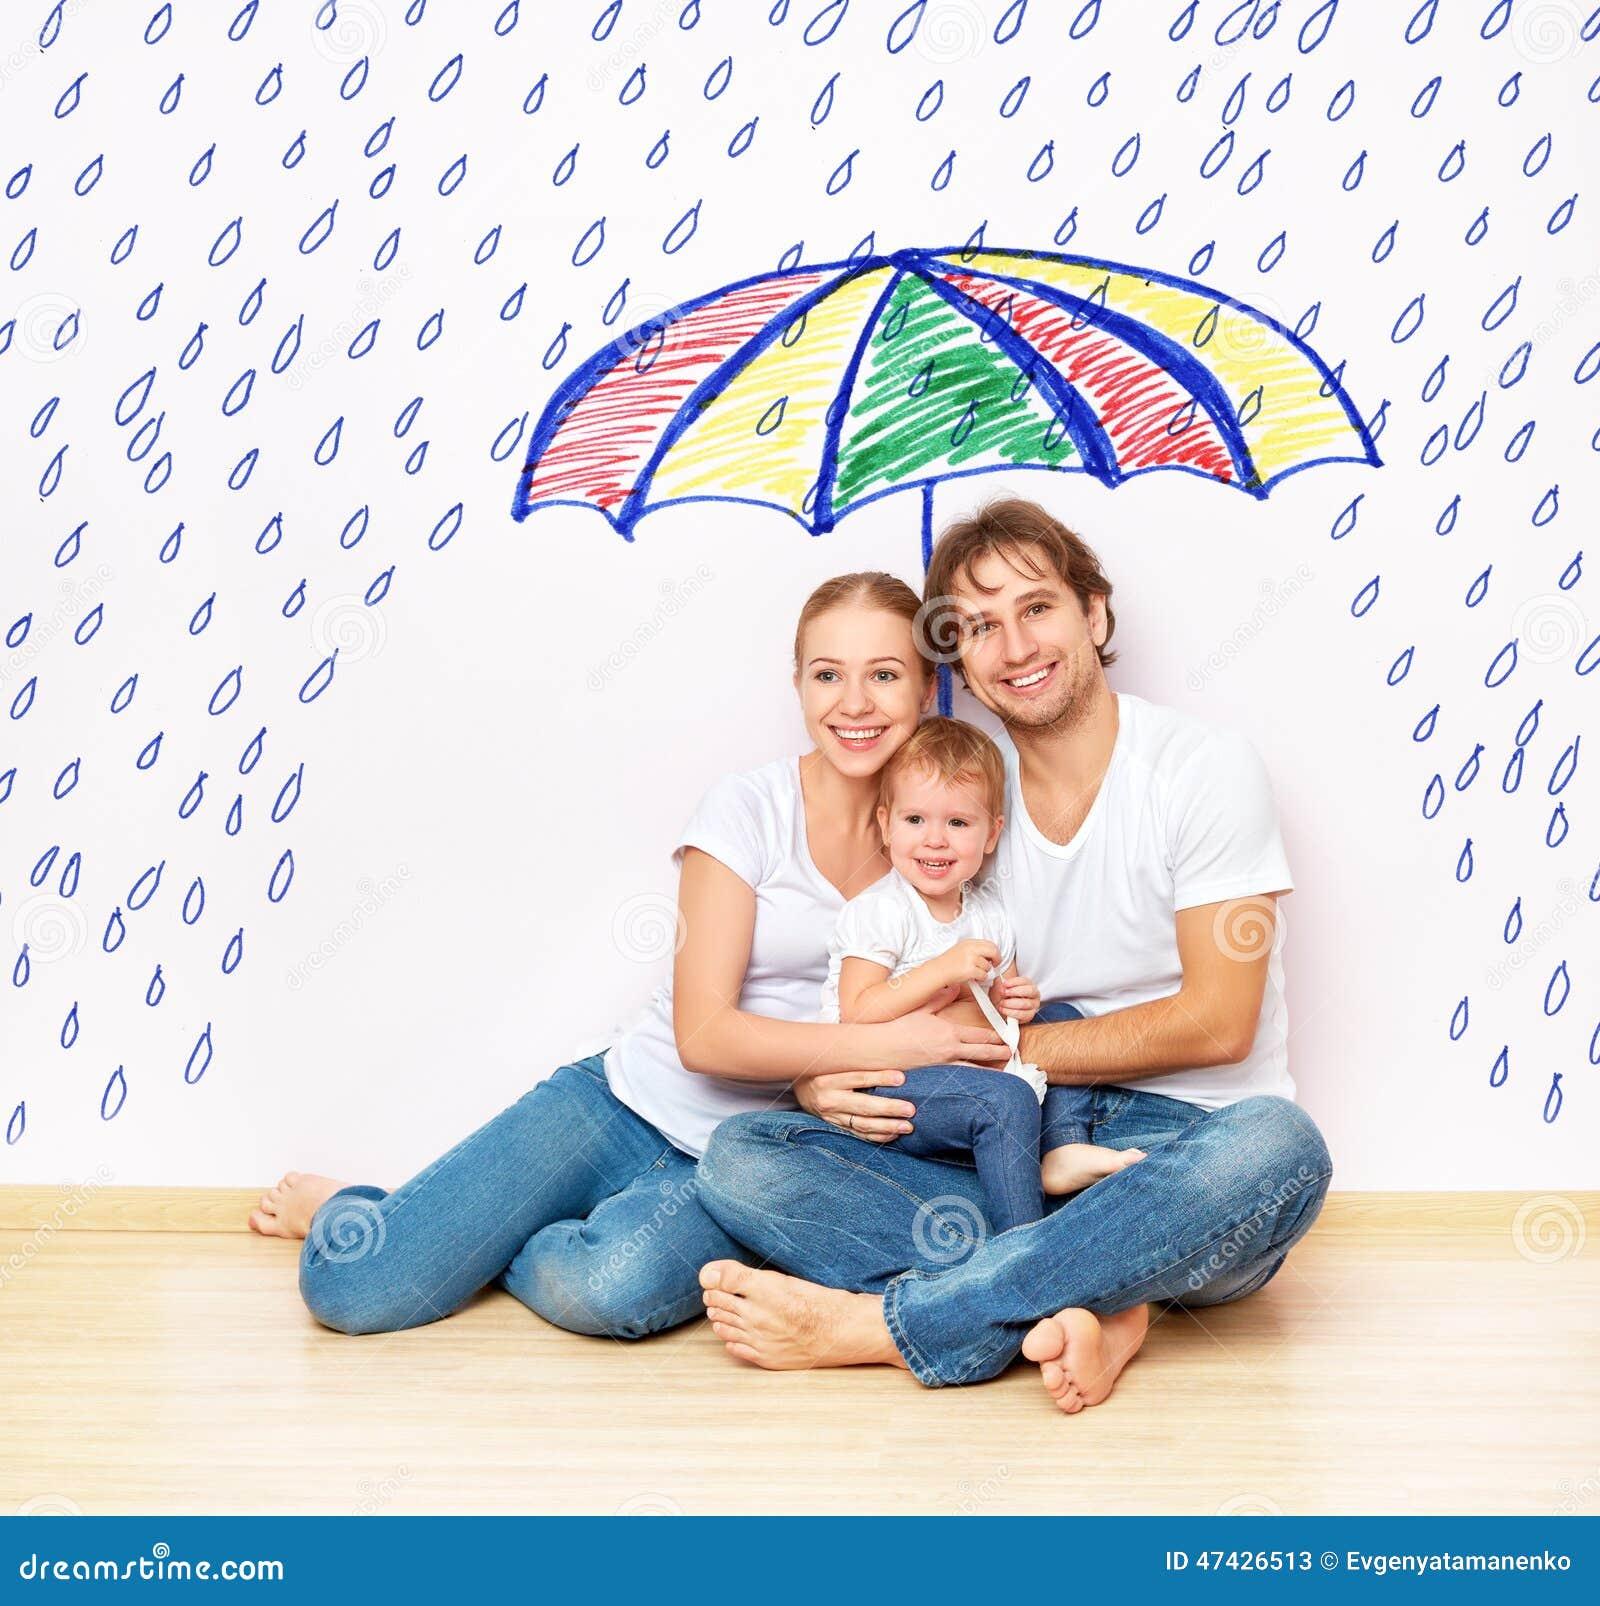 Begrepp: socialt skydd av familjen familjen tog fristaden från misärer och regn under paraplyet